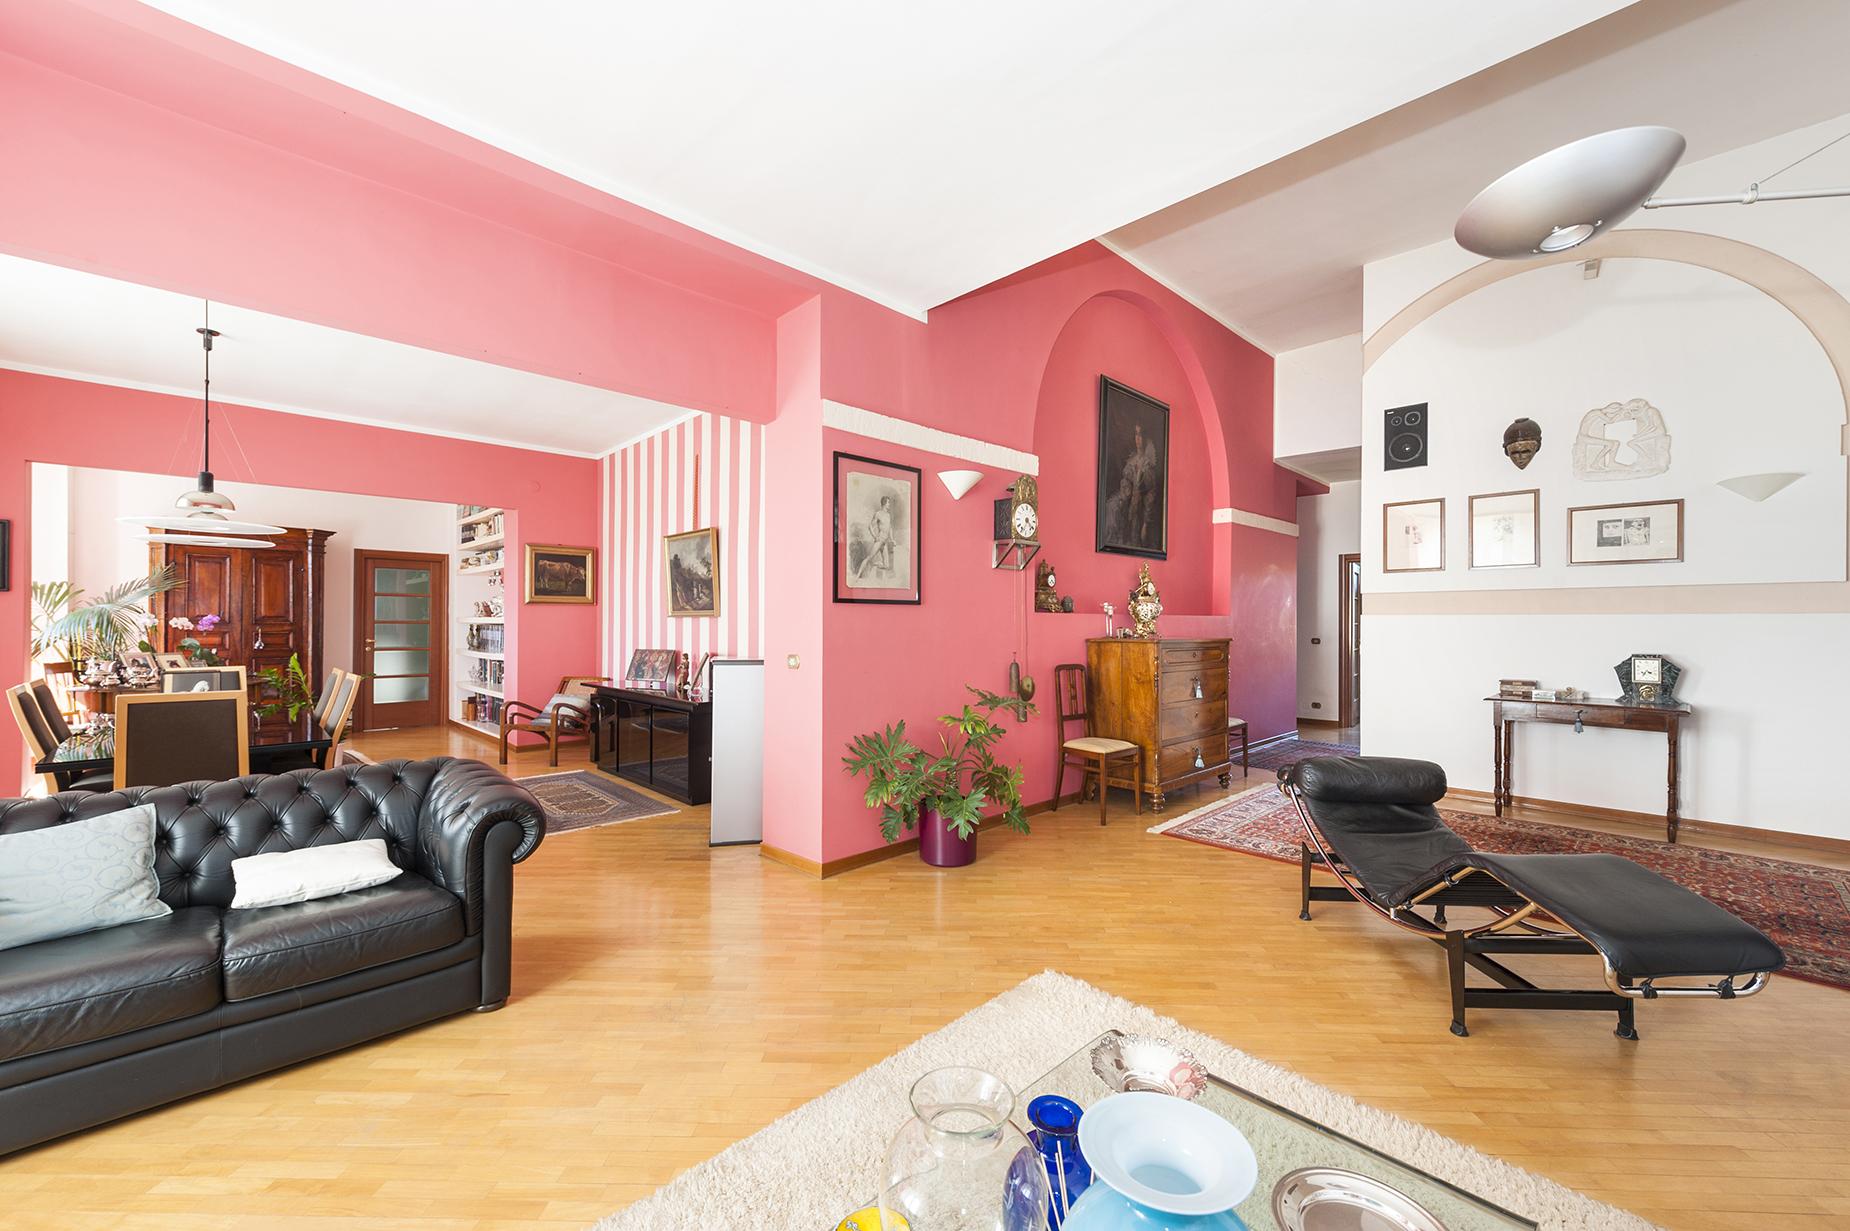 Casa indipendente in Vendita a Sorano: 5 locali, 230 mq - Foto 8